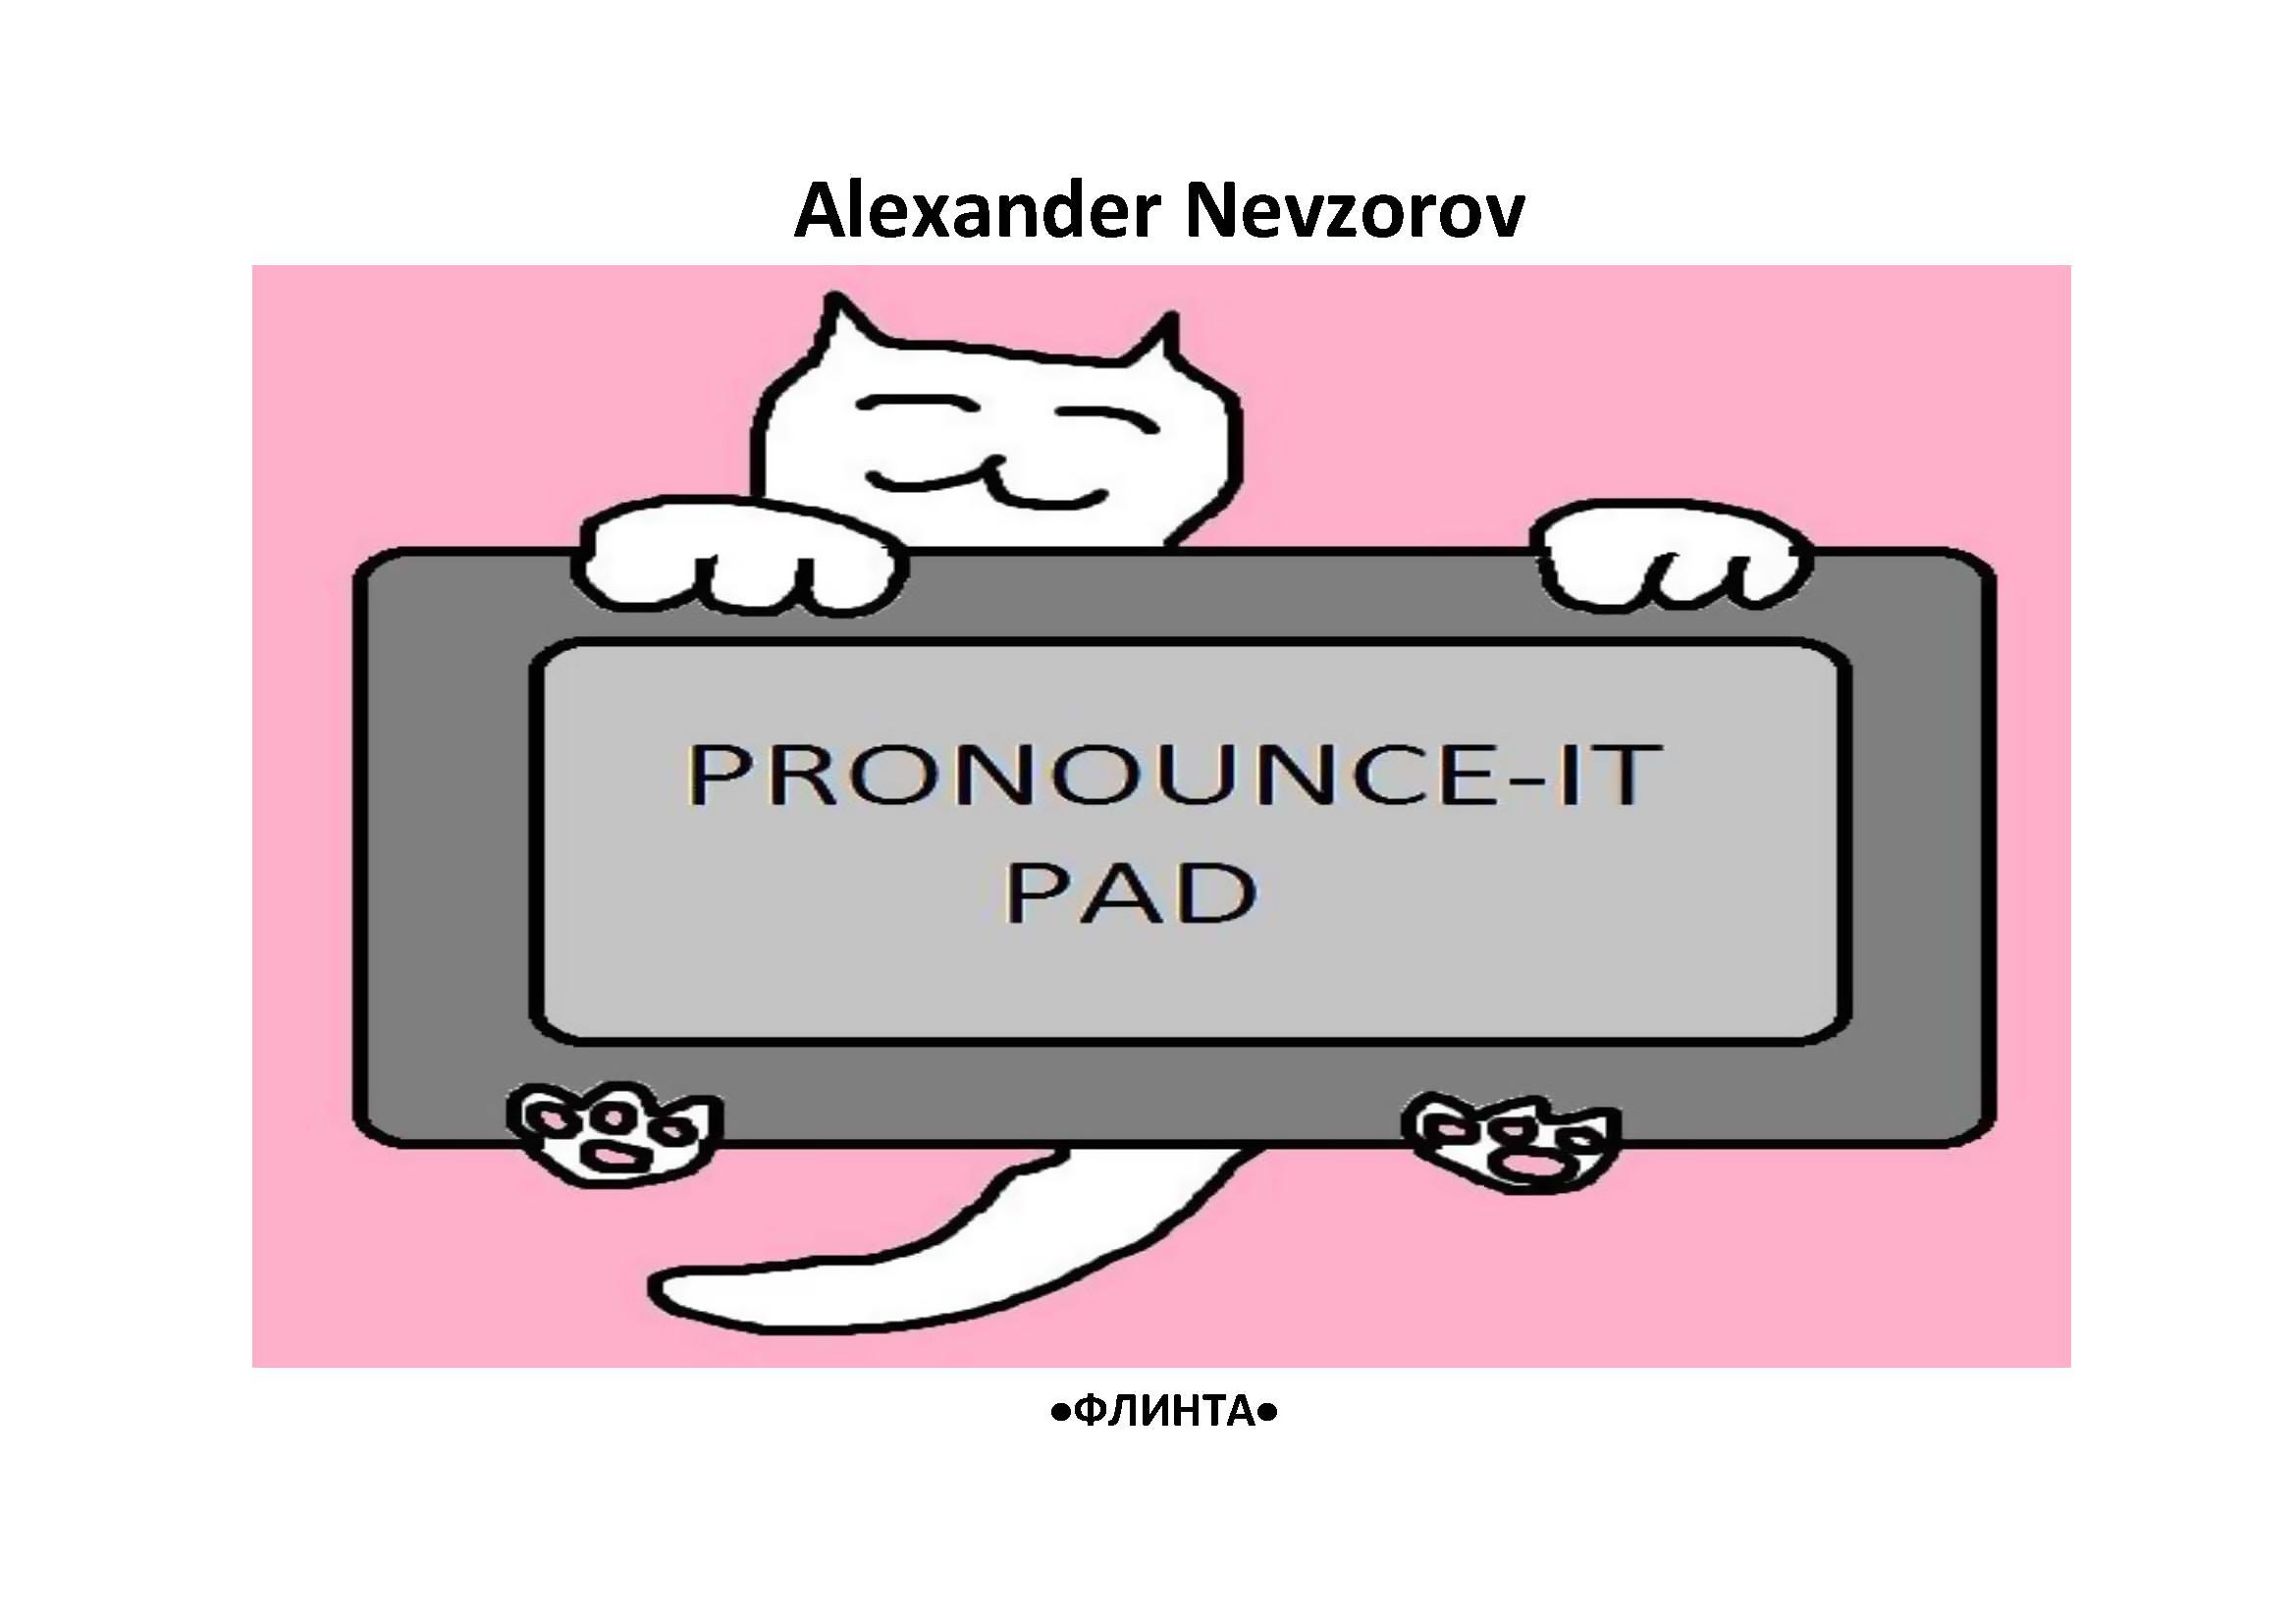 Произносительный планшет. Pronounce-it pad. Универсальные фонетические таблицы для чтения английских слов